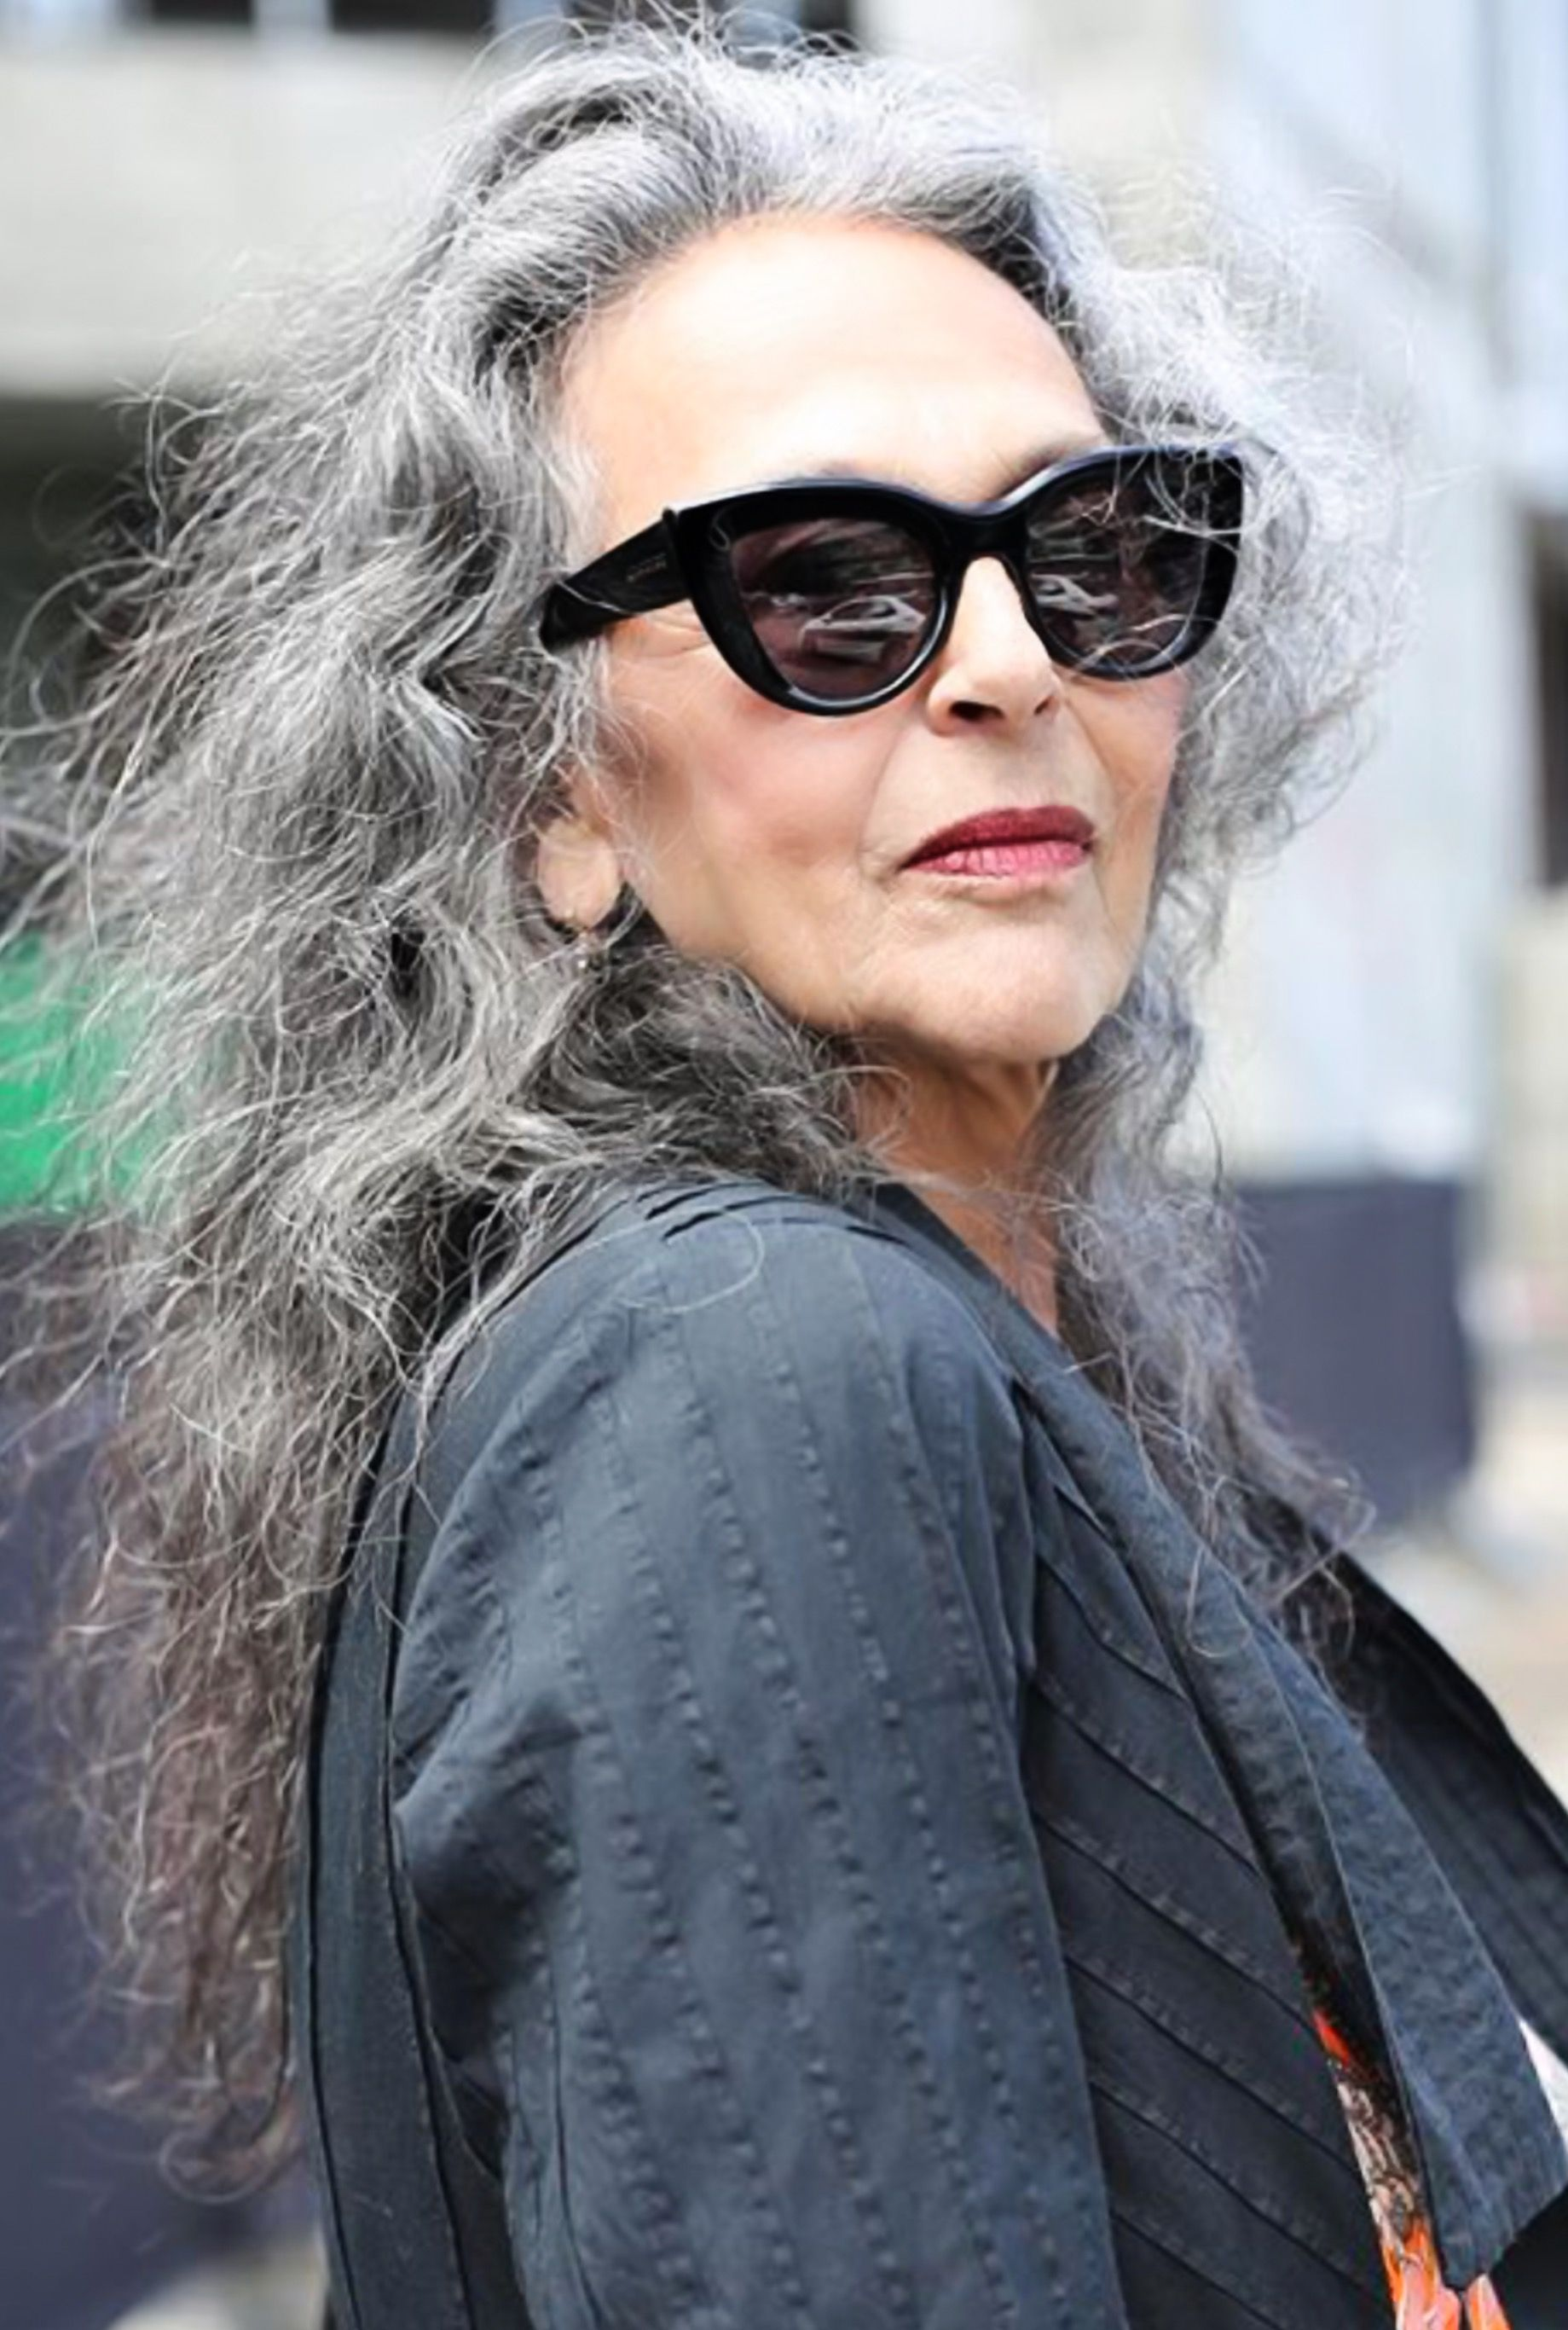 Elegant over 40's style